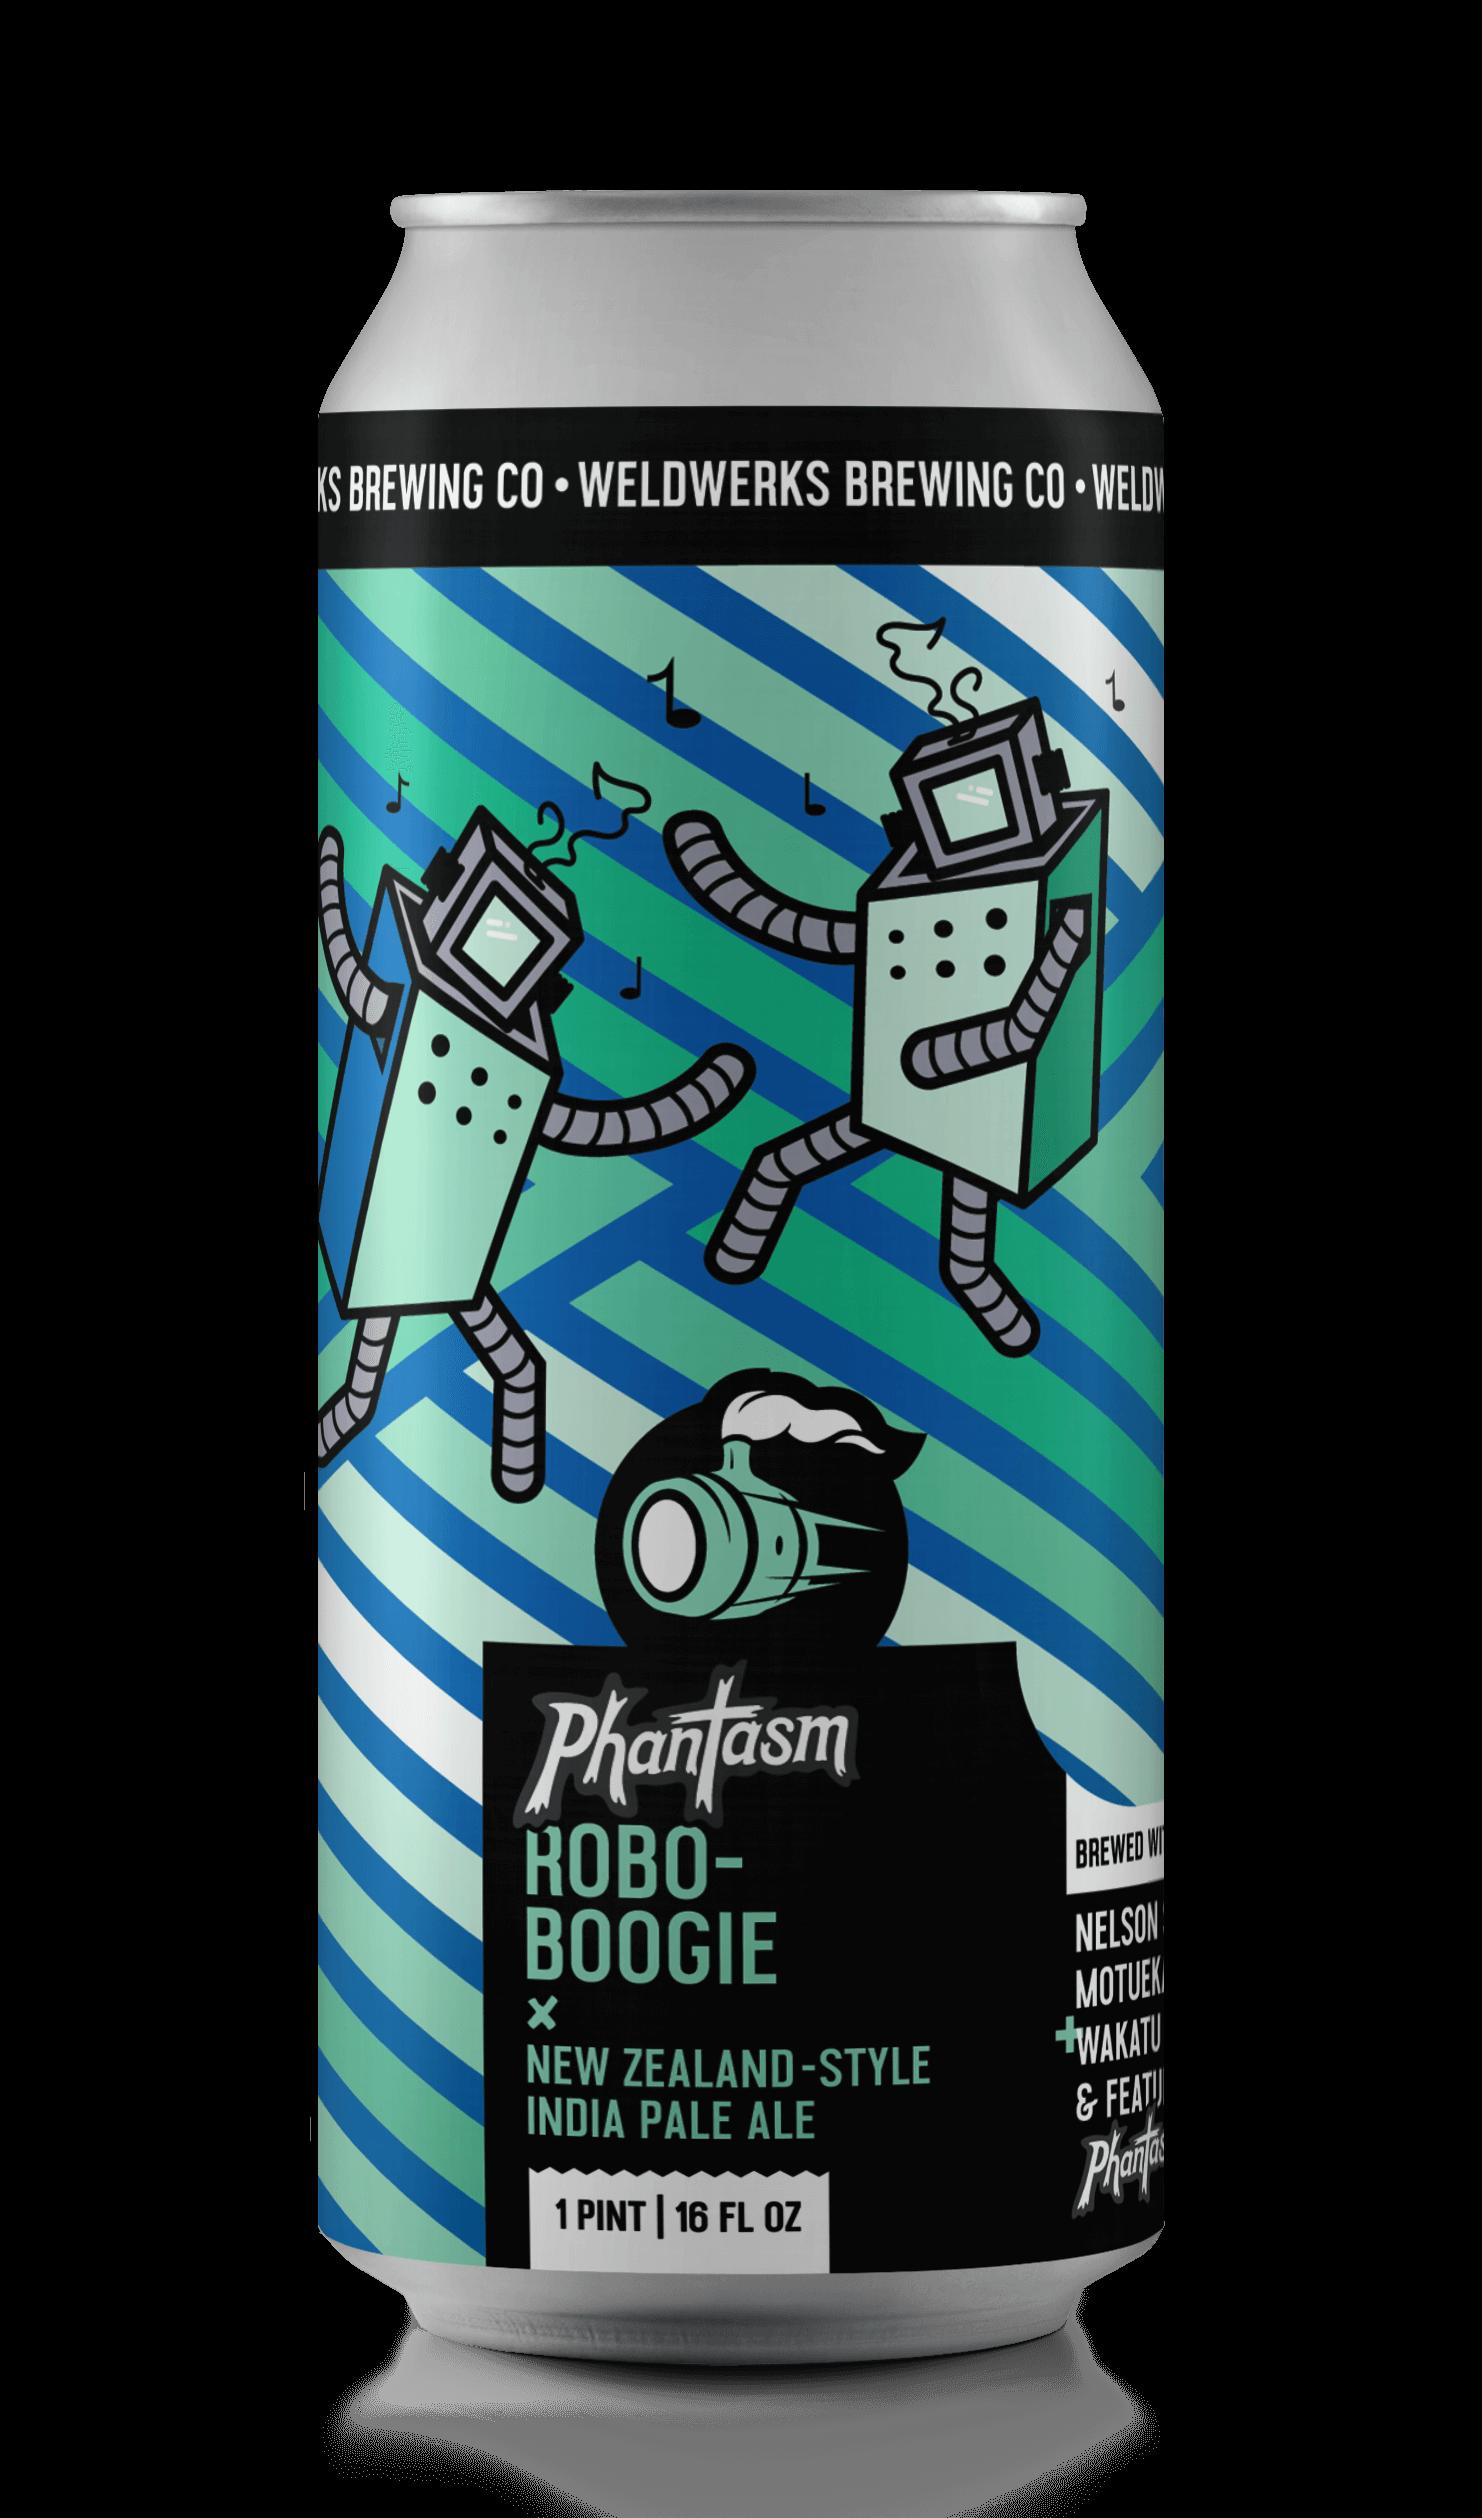 Phantasm Robo Boogie